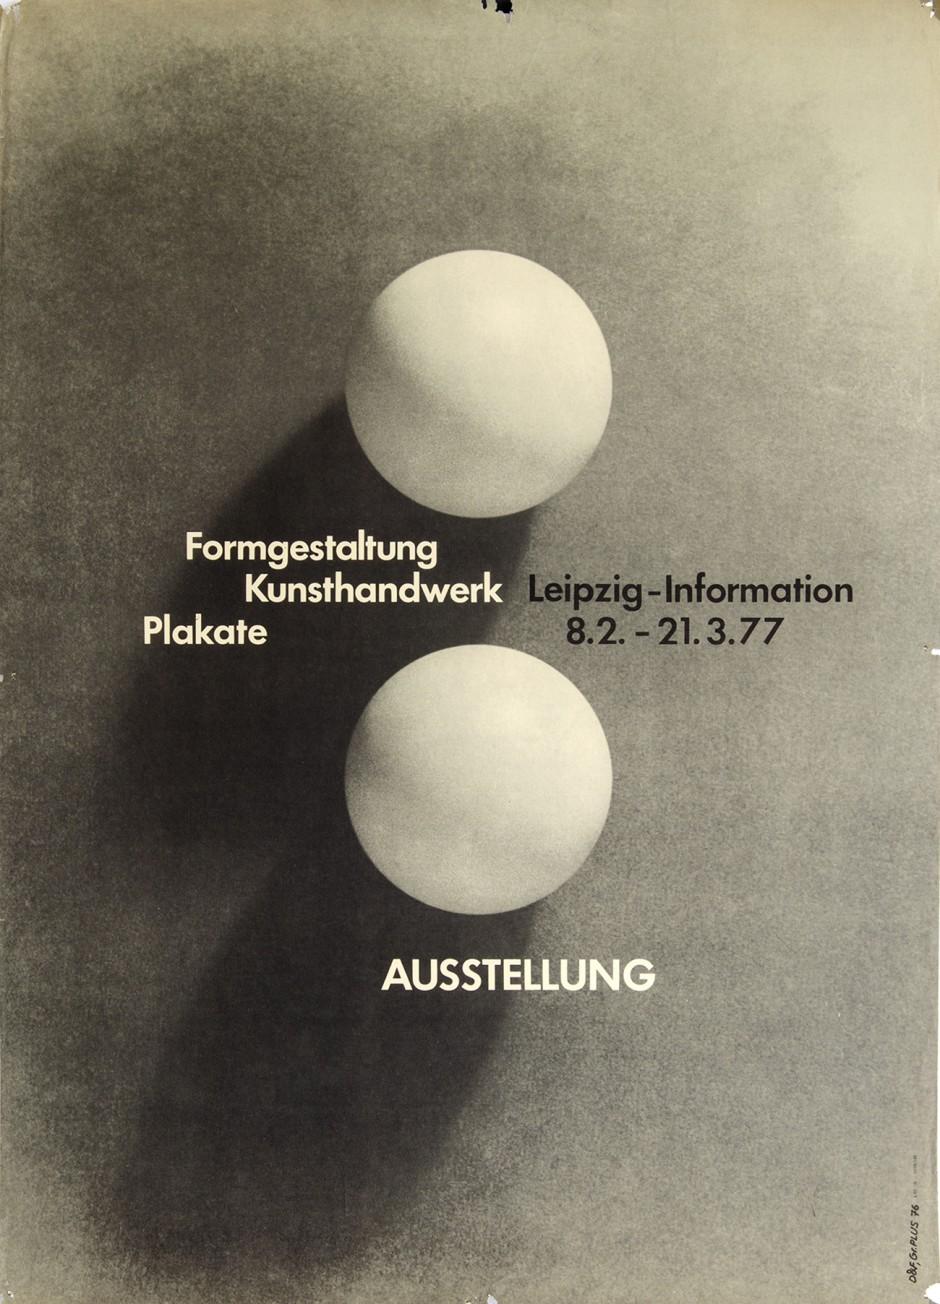 Gestalter: Jochen Fiedler Repro: Hochschularchiv Burg Giebichenstein Kunsthochschule Halle 59x82,5 cm